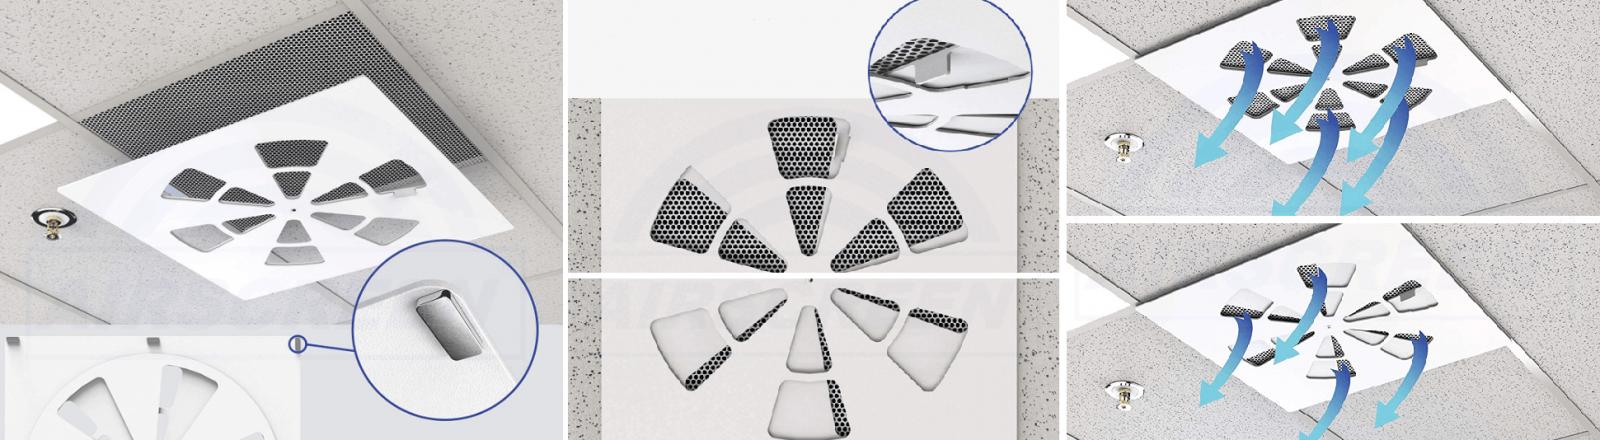 Внешние регуляторы расхода воздуха для потолочных решеток